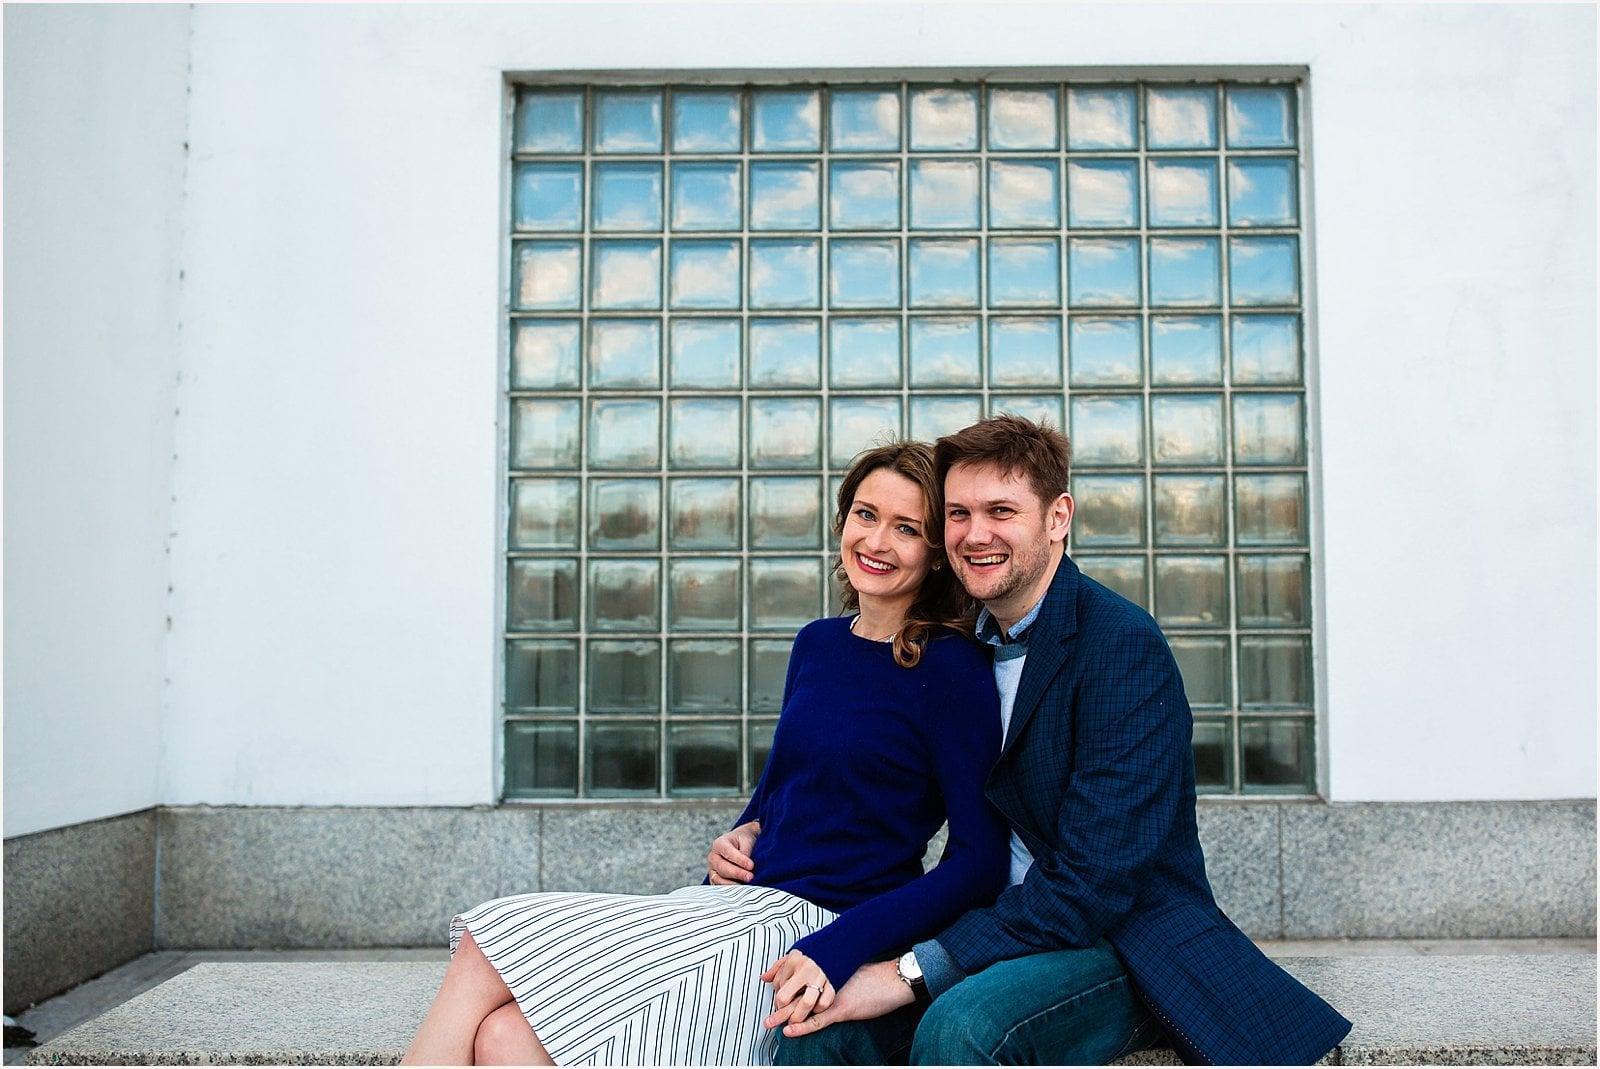 Stunning London Engagement Photos - Ksenia & Iain 3